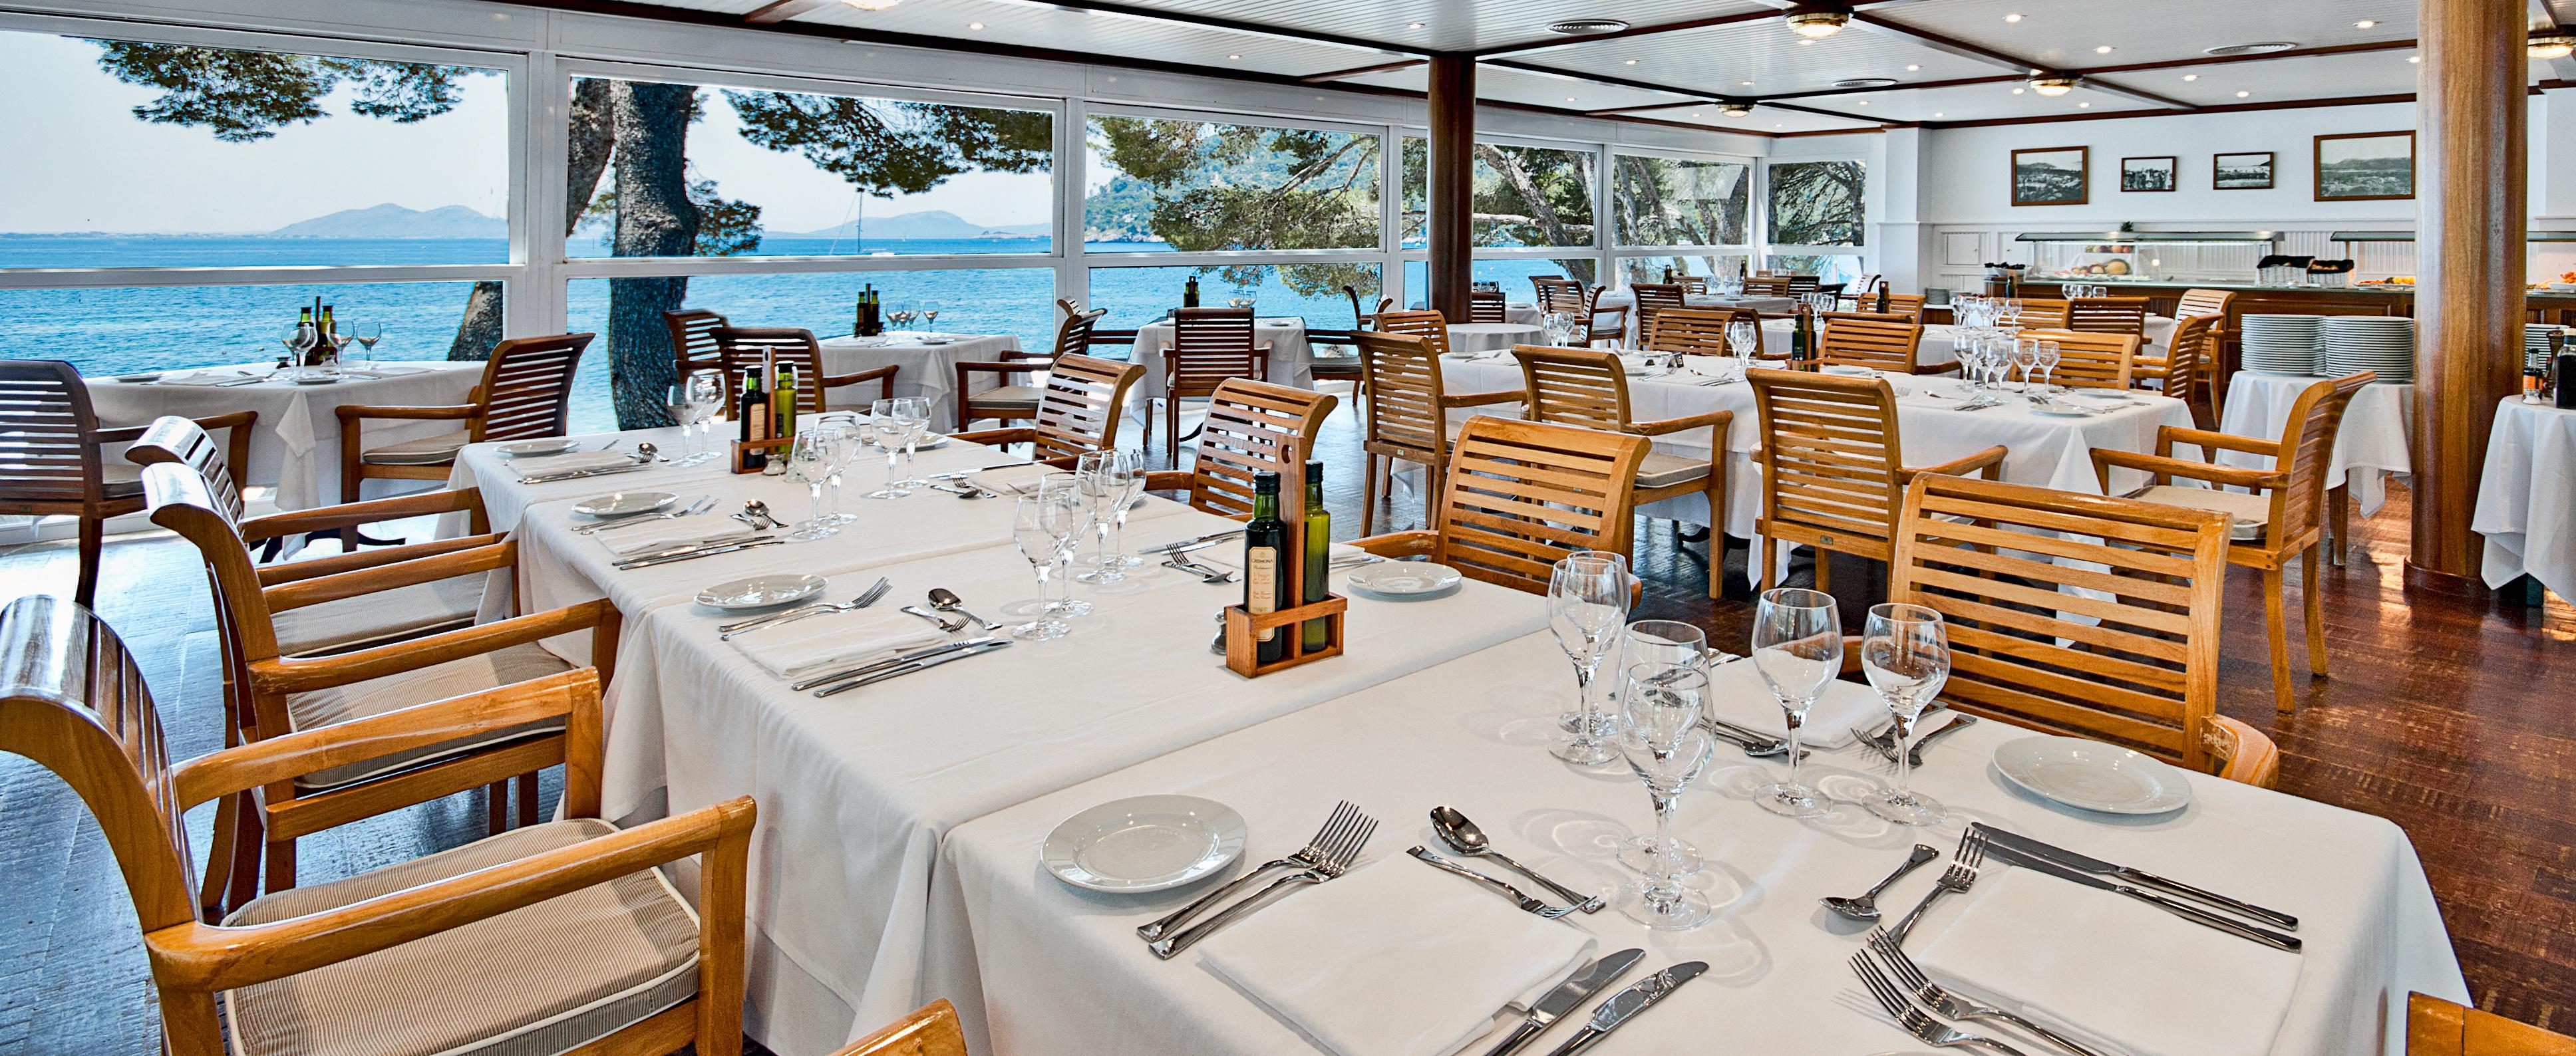 seaside-restaurant-mallorca